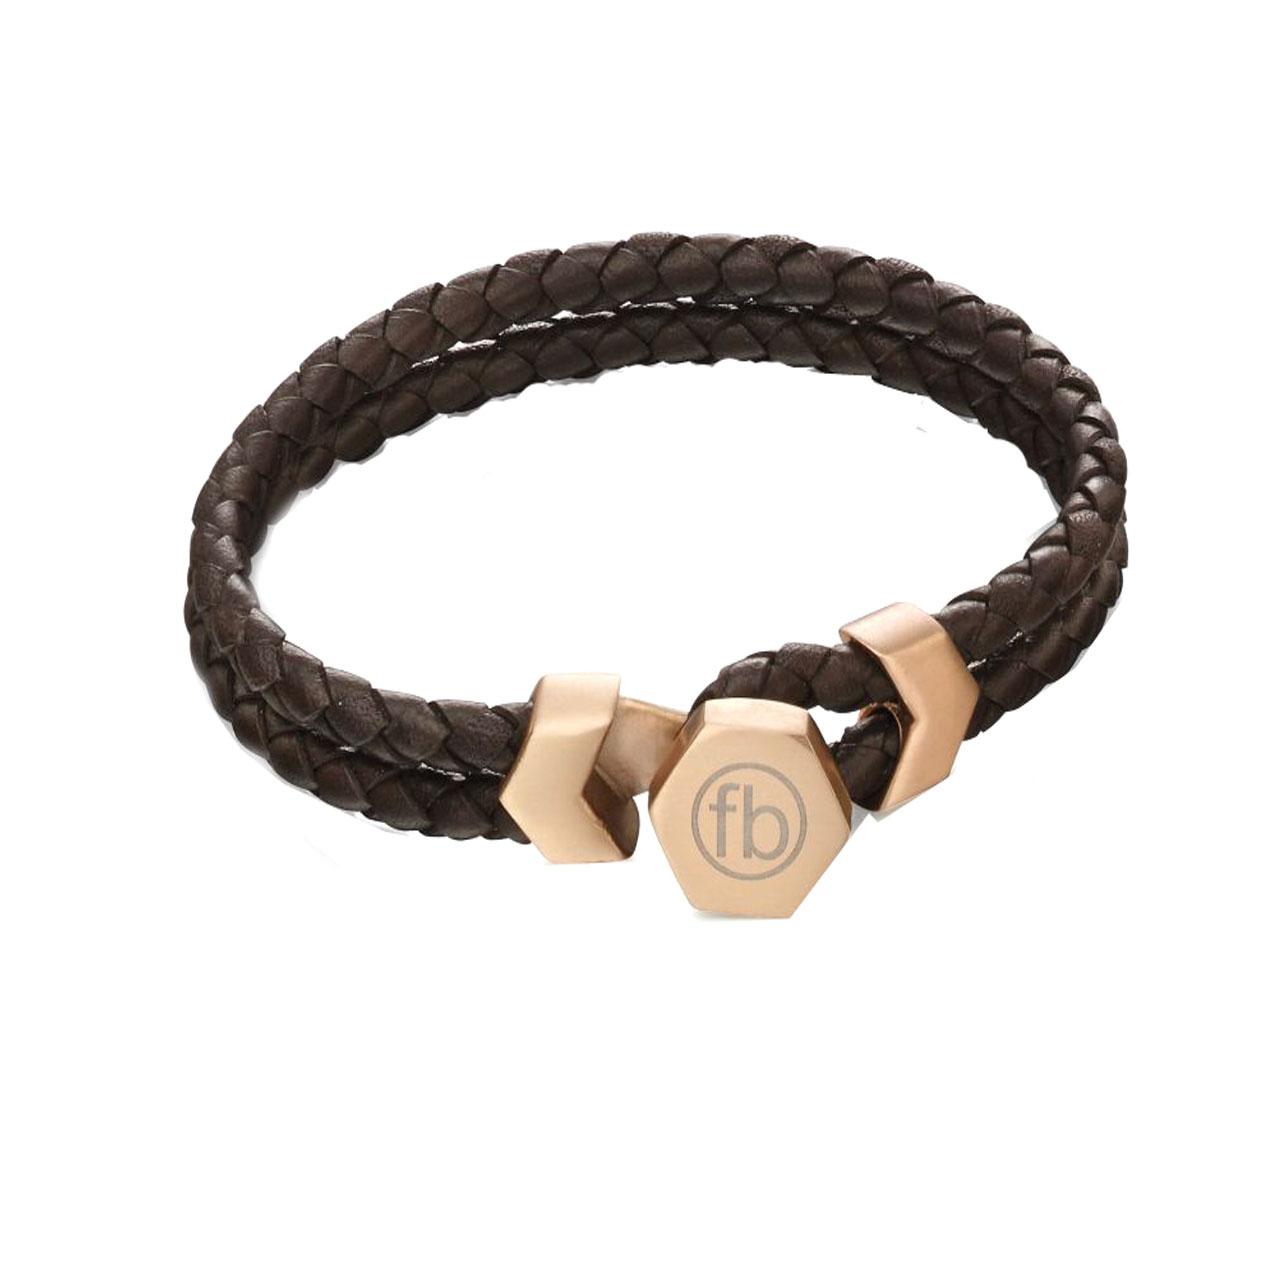 دستبند چرم فردبنت مدل B4976